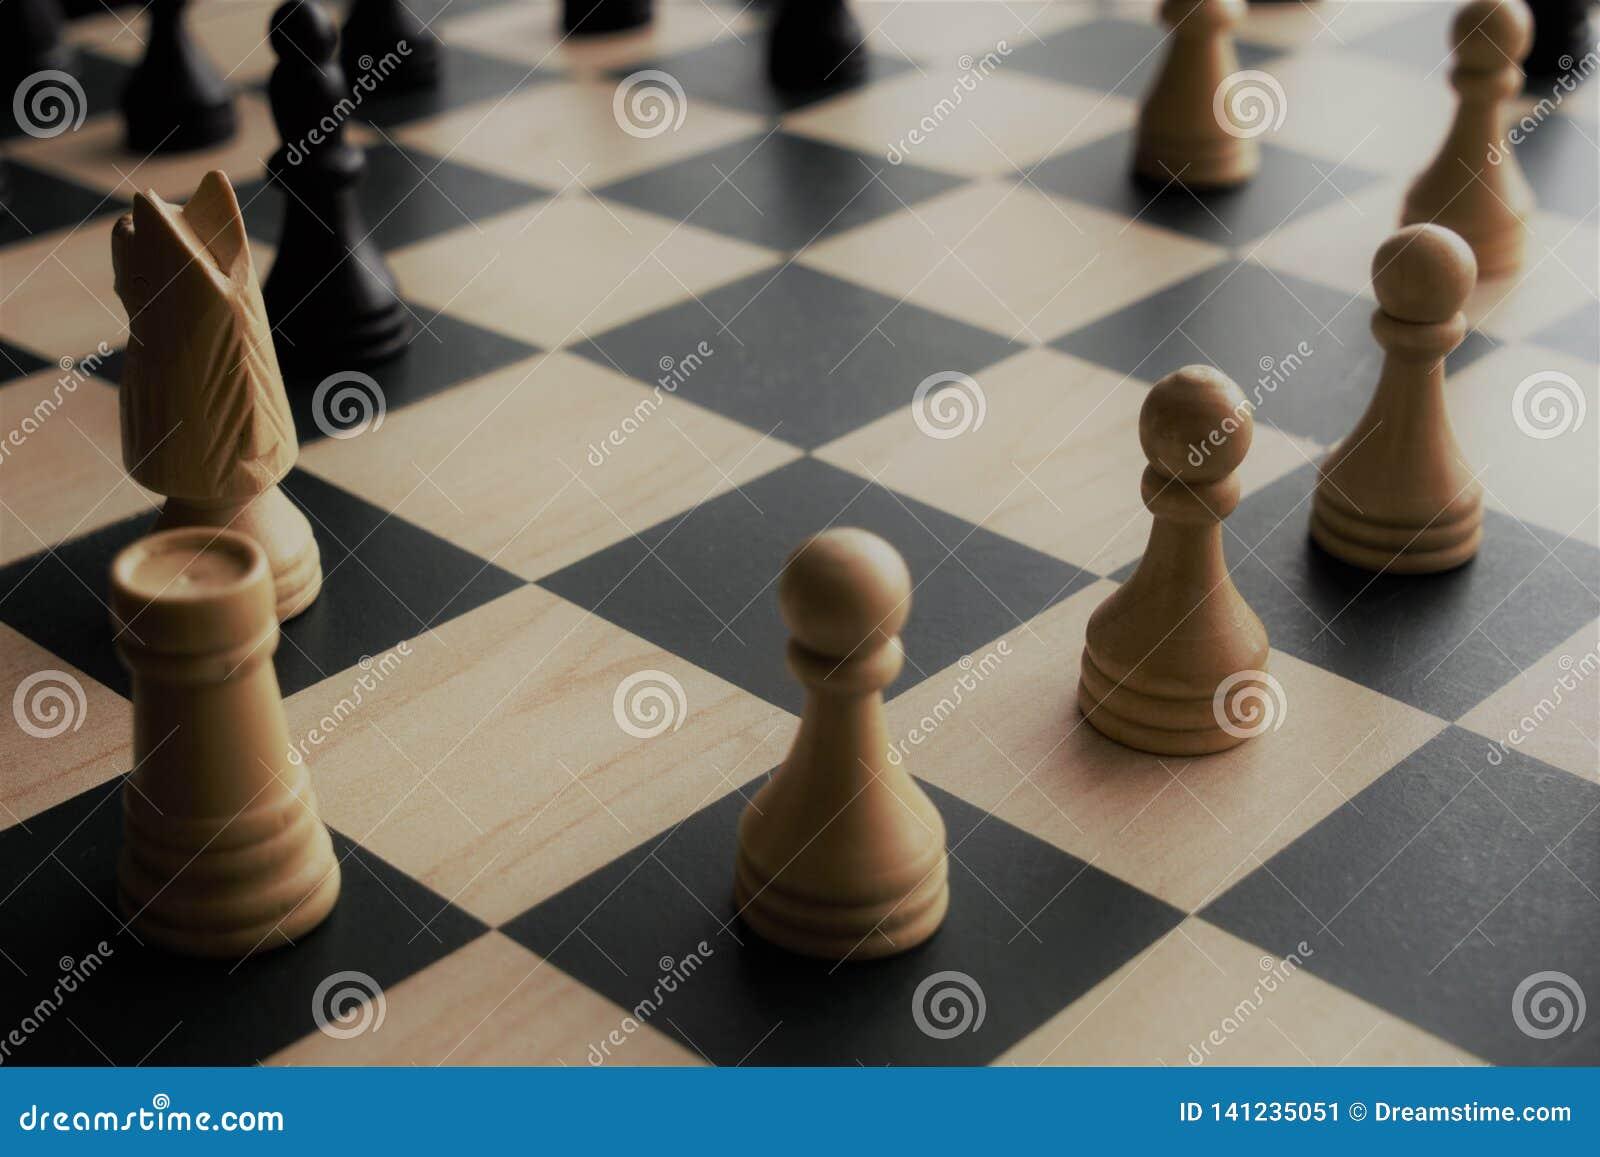 Imagem do close up de partes de xadrez